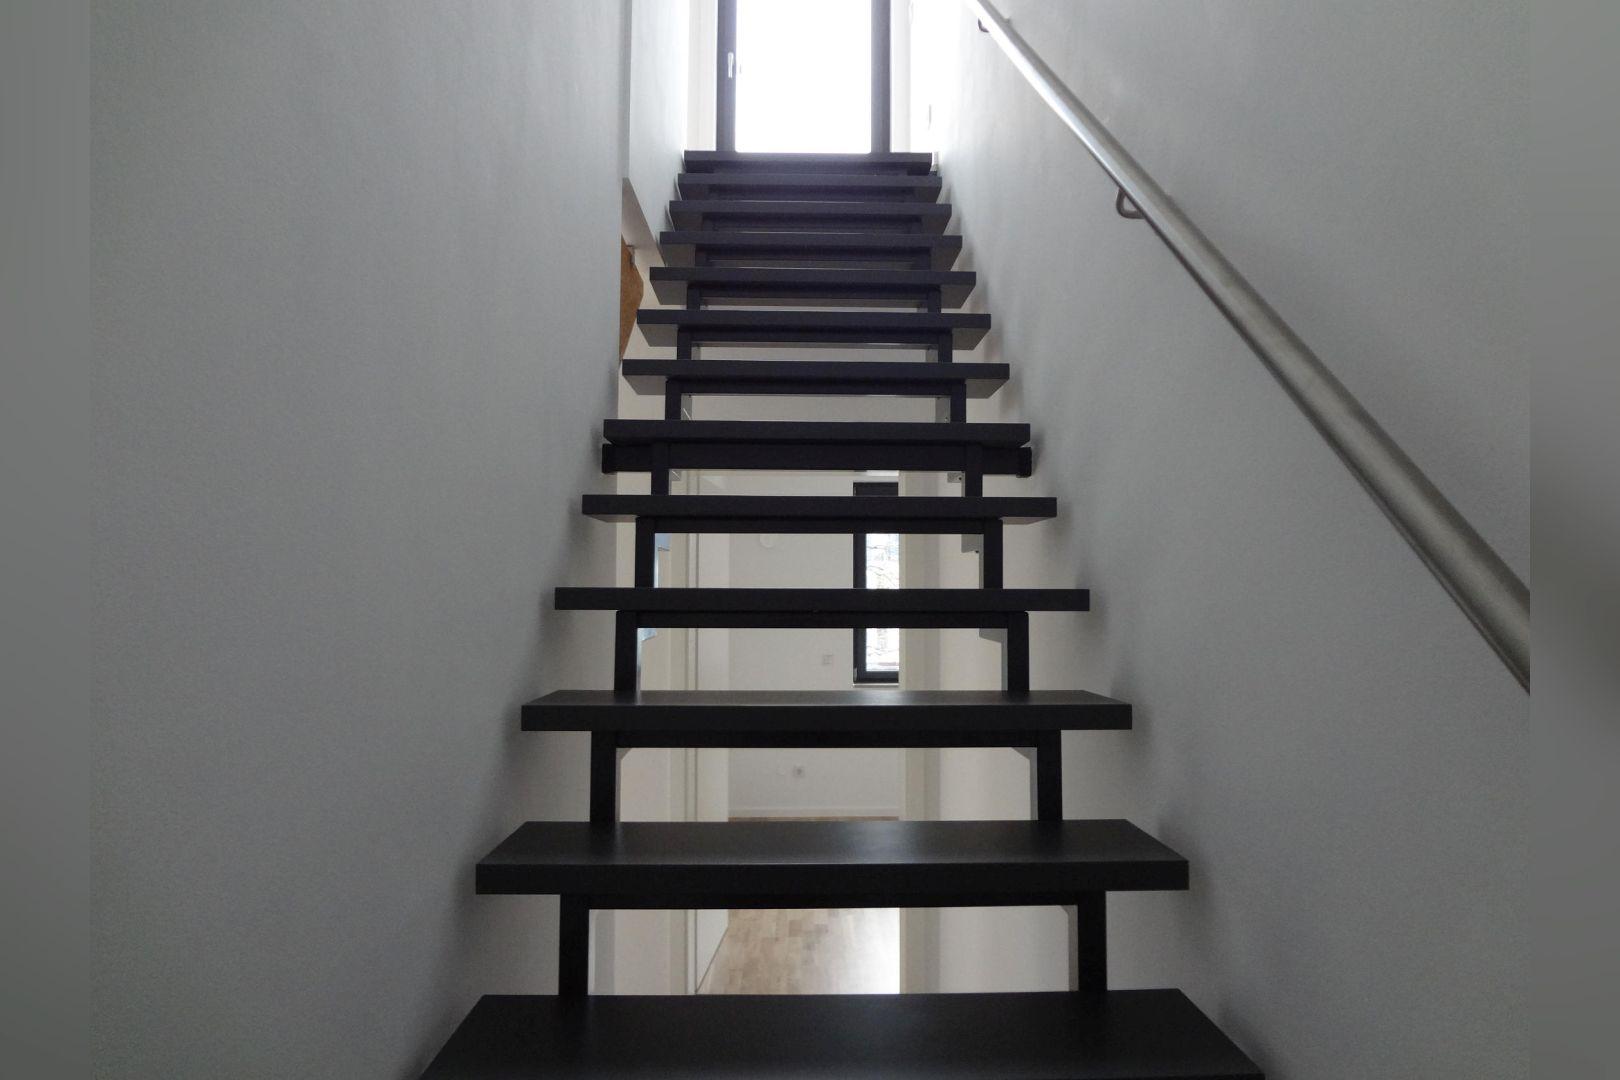 Immobilie Nr.0285 - 3-Zimmer-Maisonettewohnung mit Dachterrasse und TG-Stellplatz - Bild 12.jpg